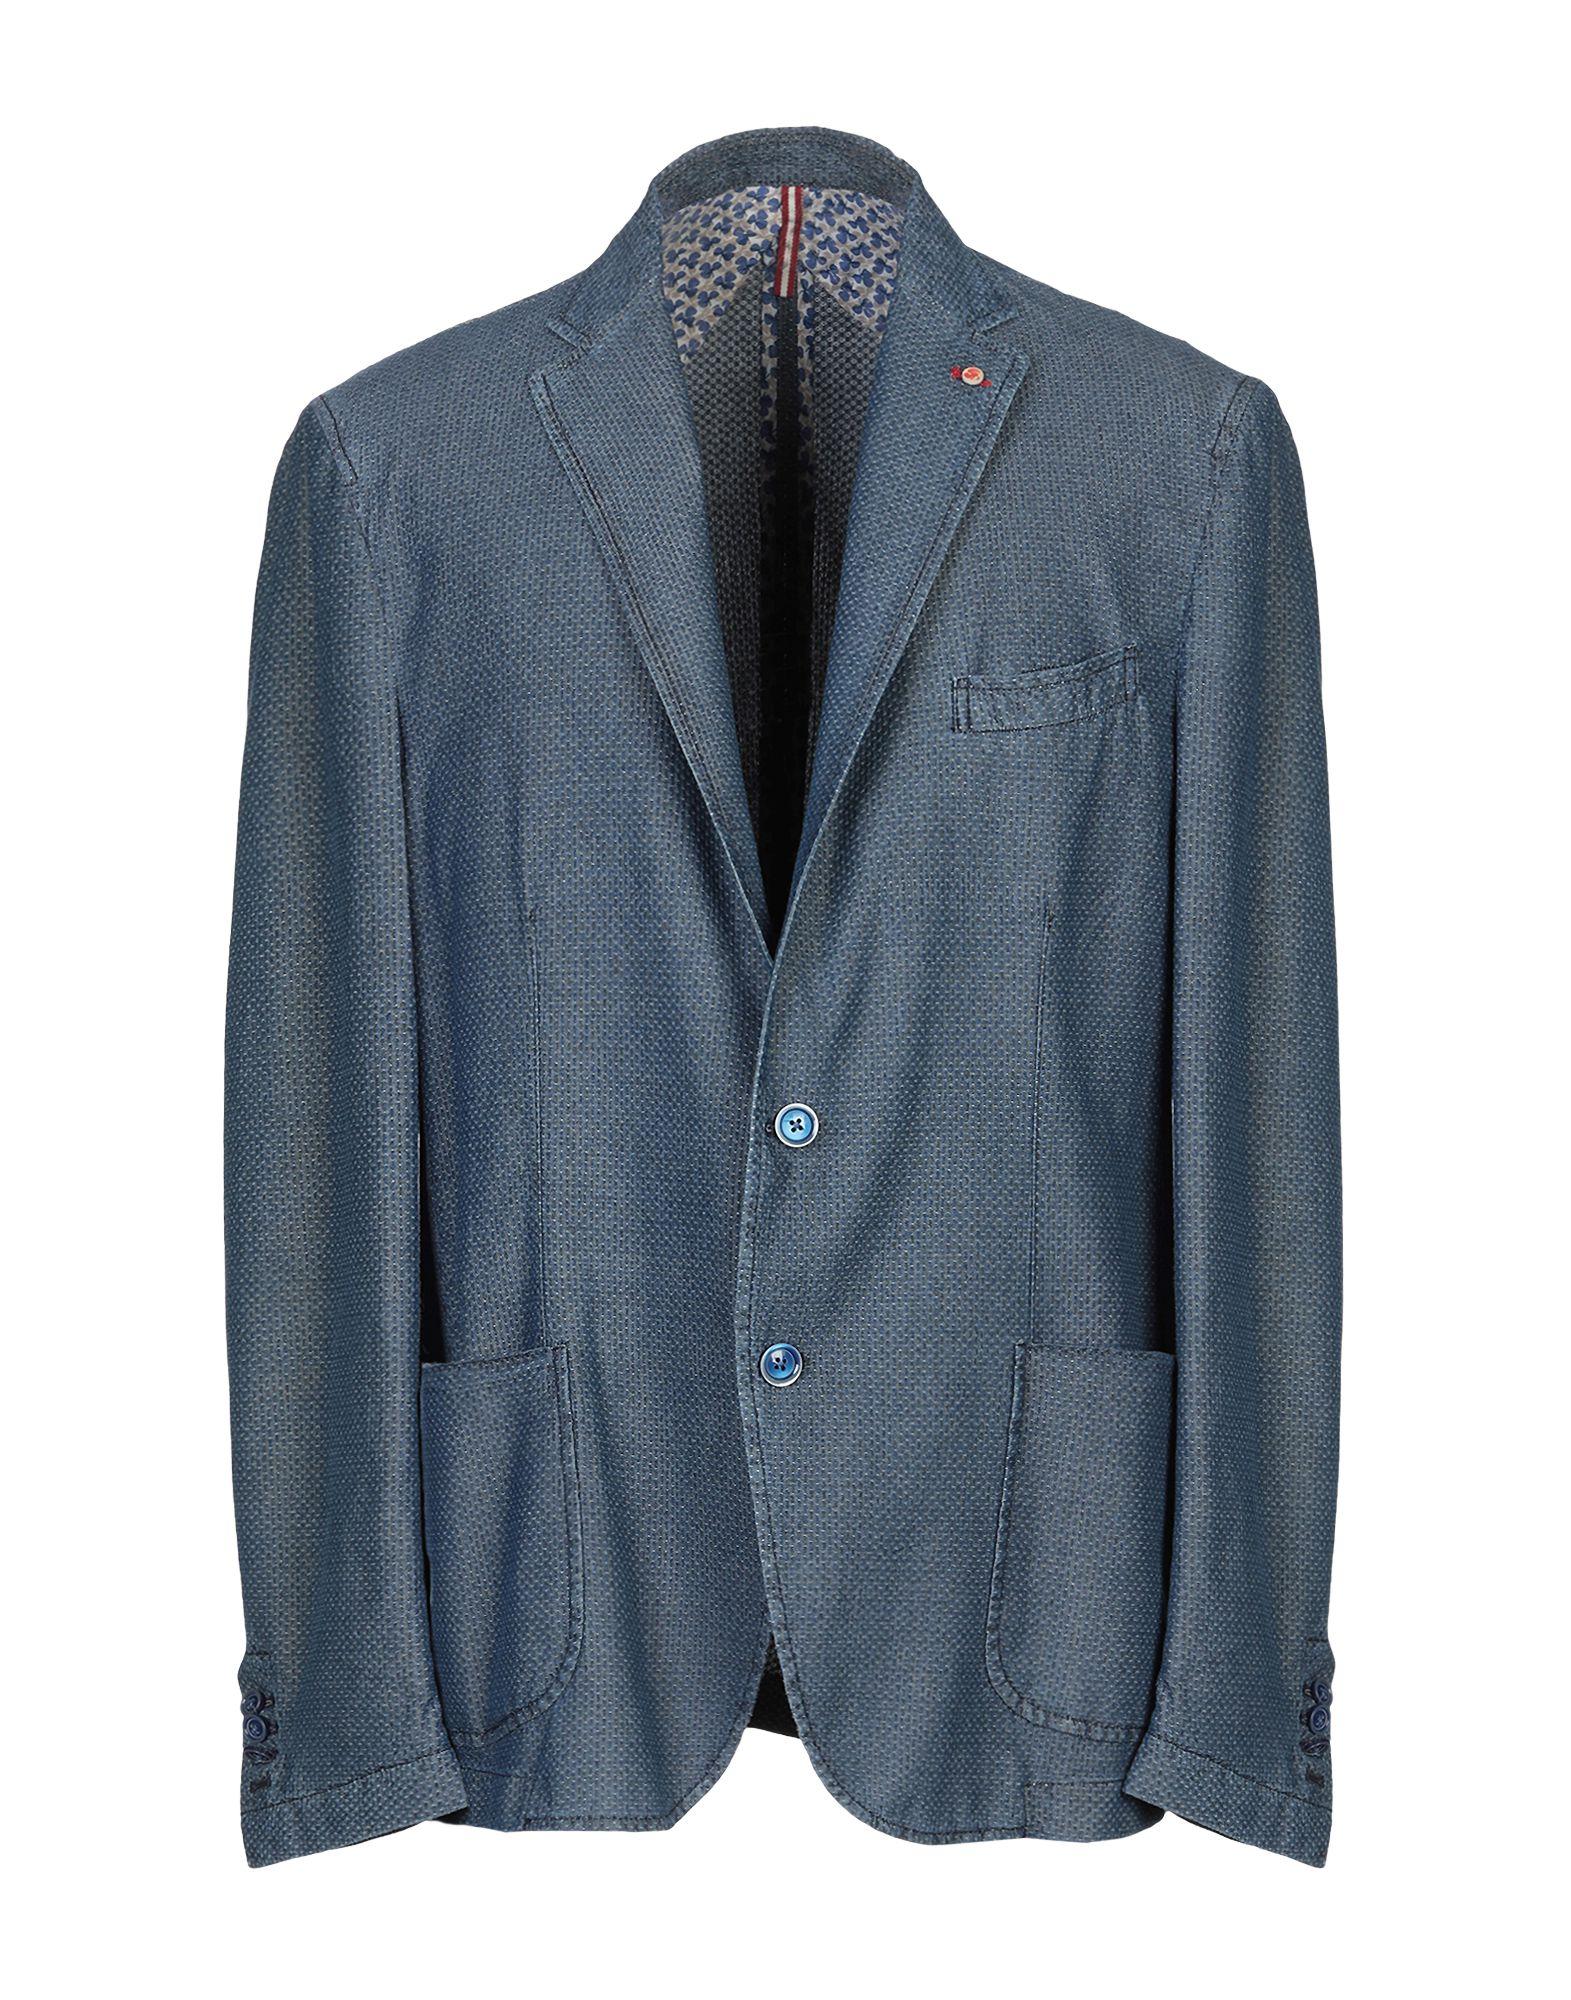 《送料無料》JERRY KEY メンズ テーラードジャケット ブルー 50 コットン 100%